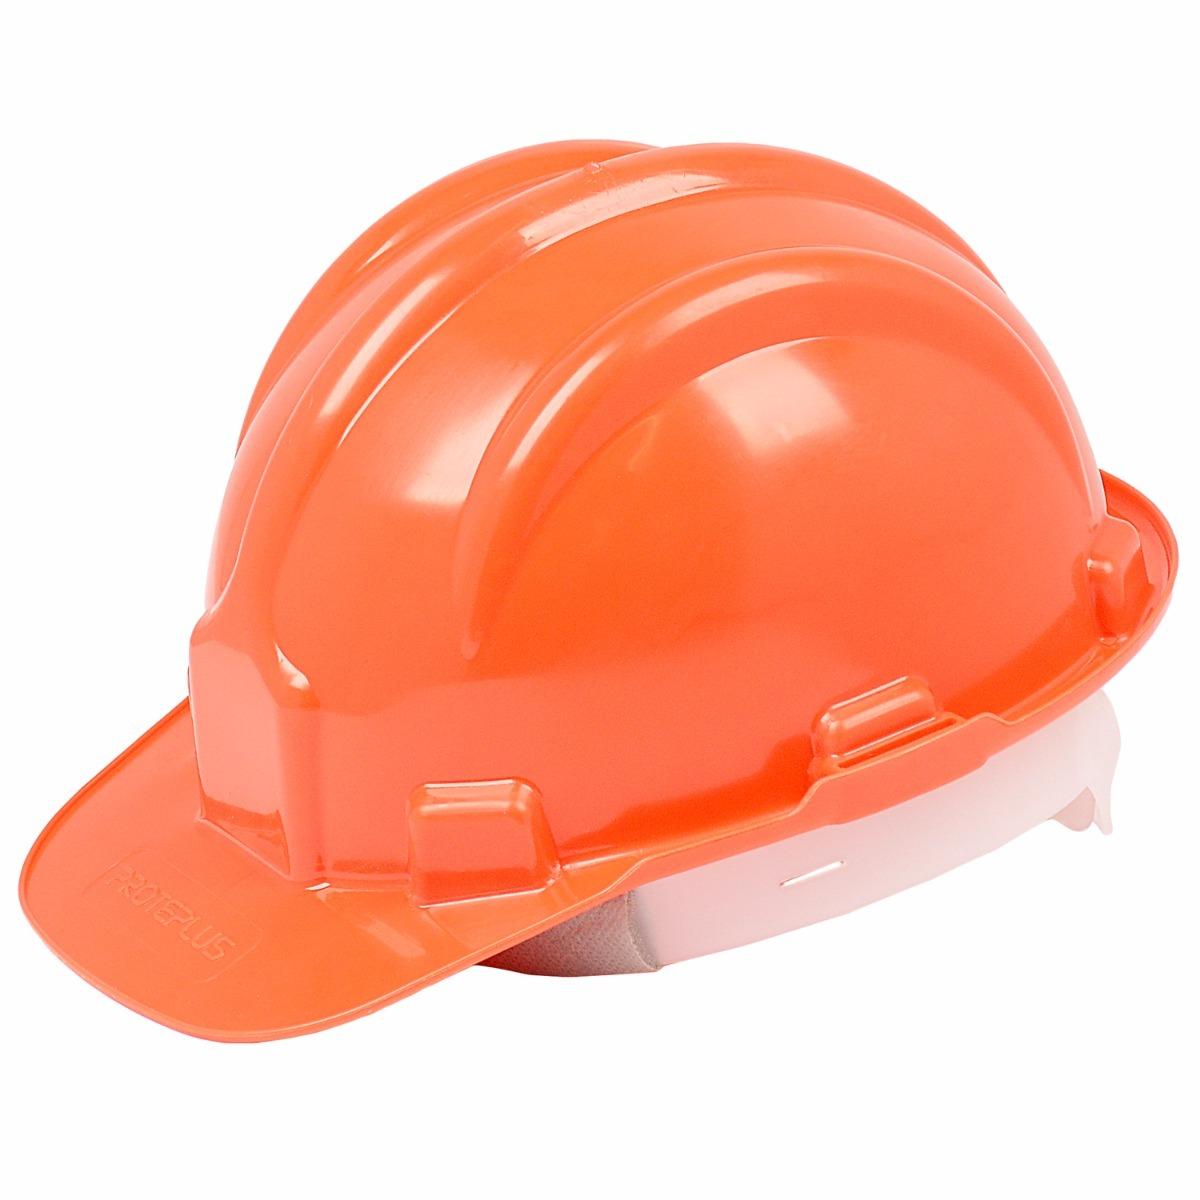 Capacete De Proteção Epi Laranja C carneira - Worker - R  15,99 em Mercado  Livre ed5079d0ac